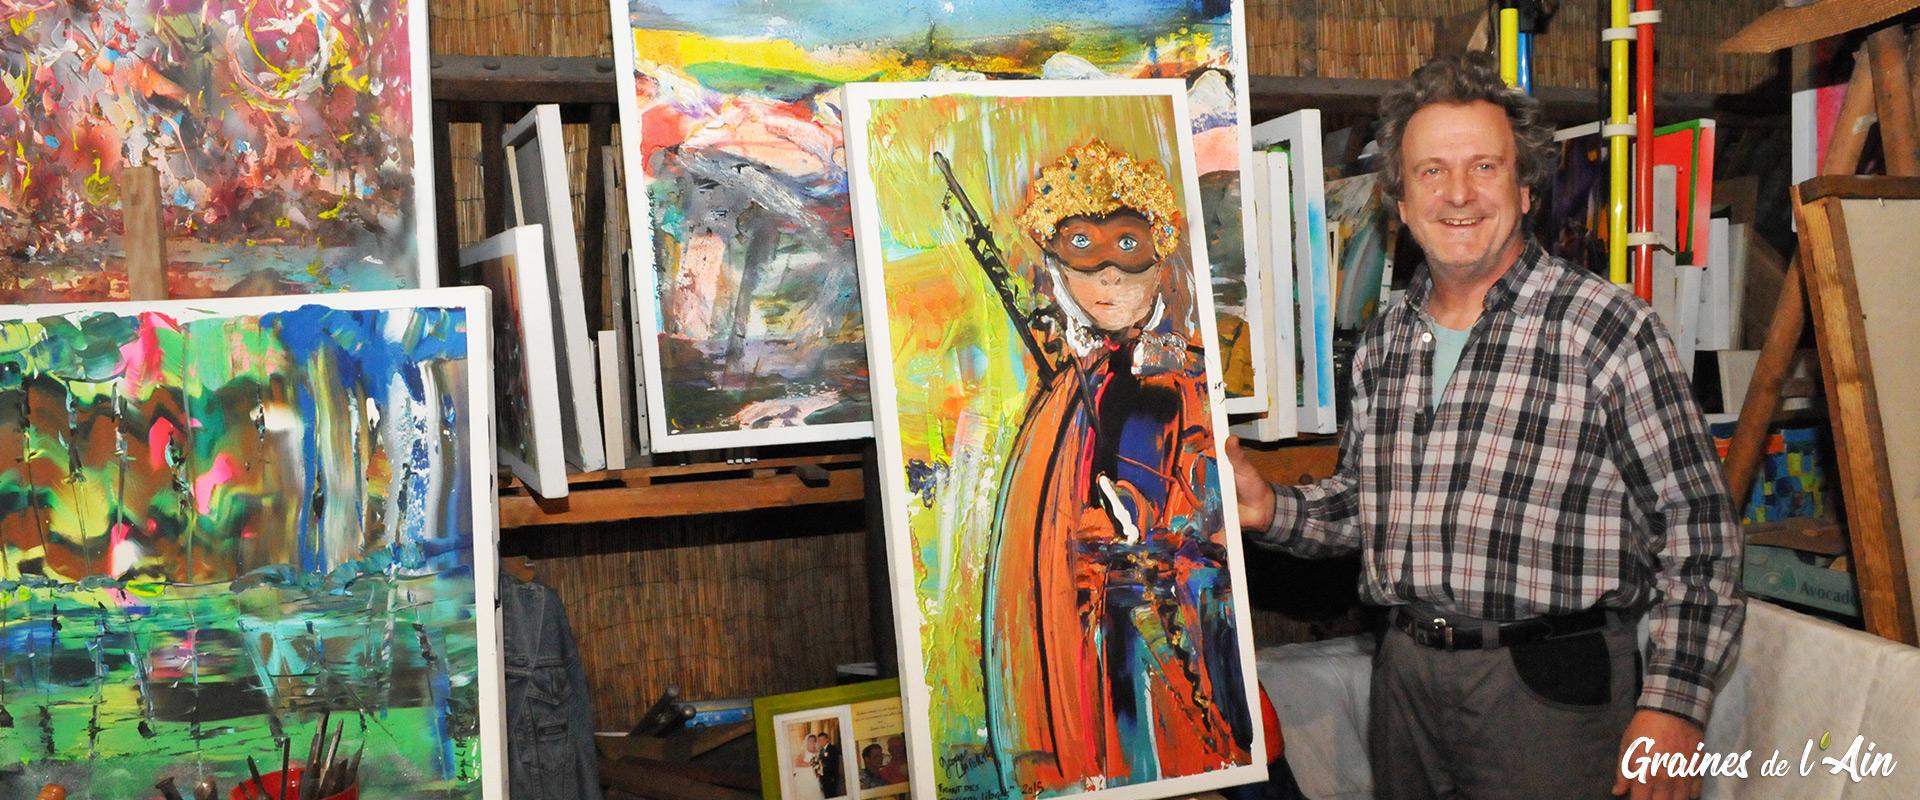 Georges Laporte plasticien saxophoniste - Magazine - Graines de l' Ain